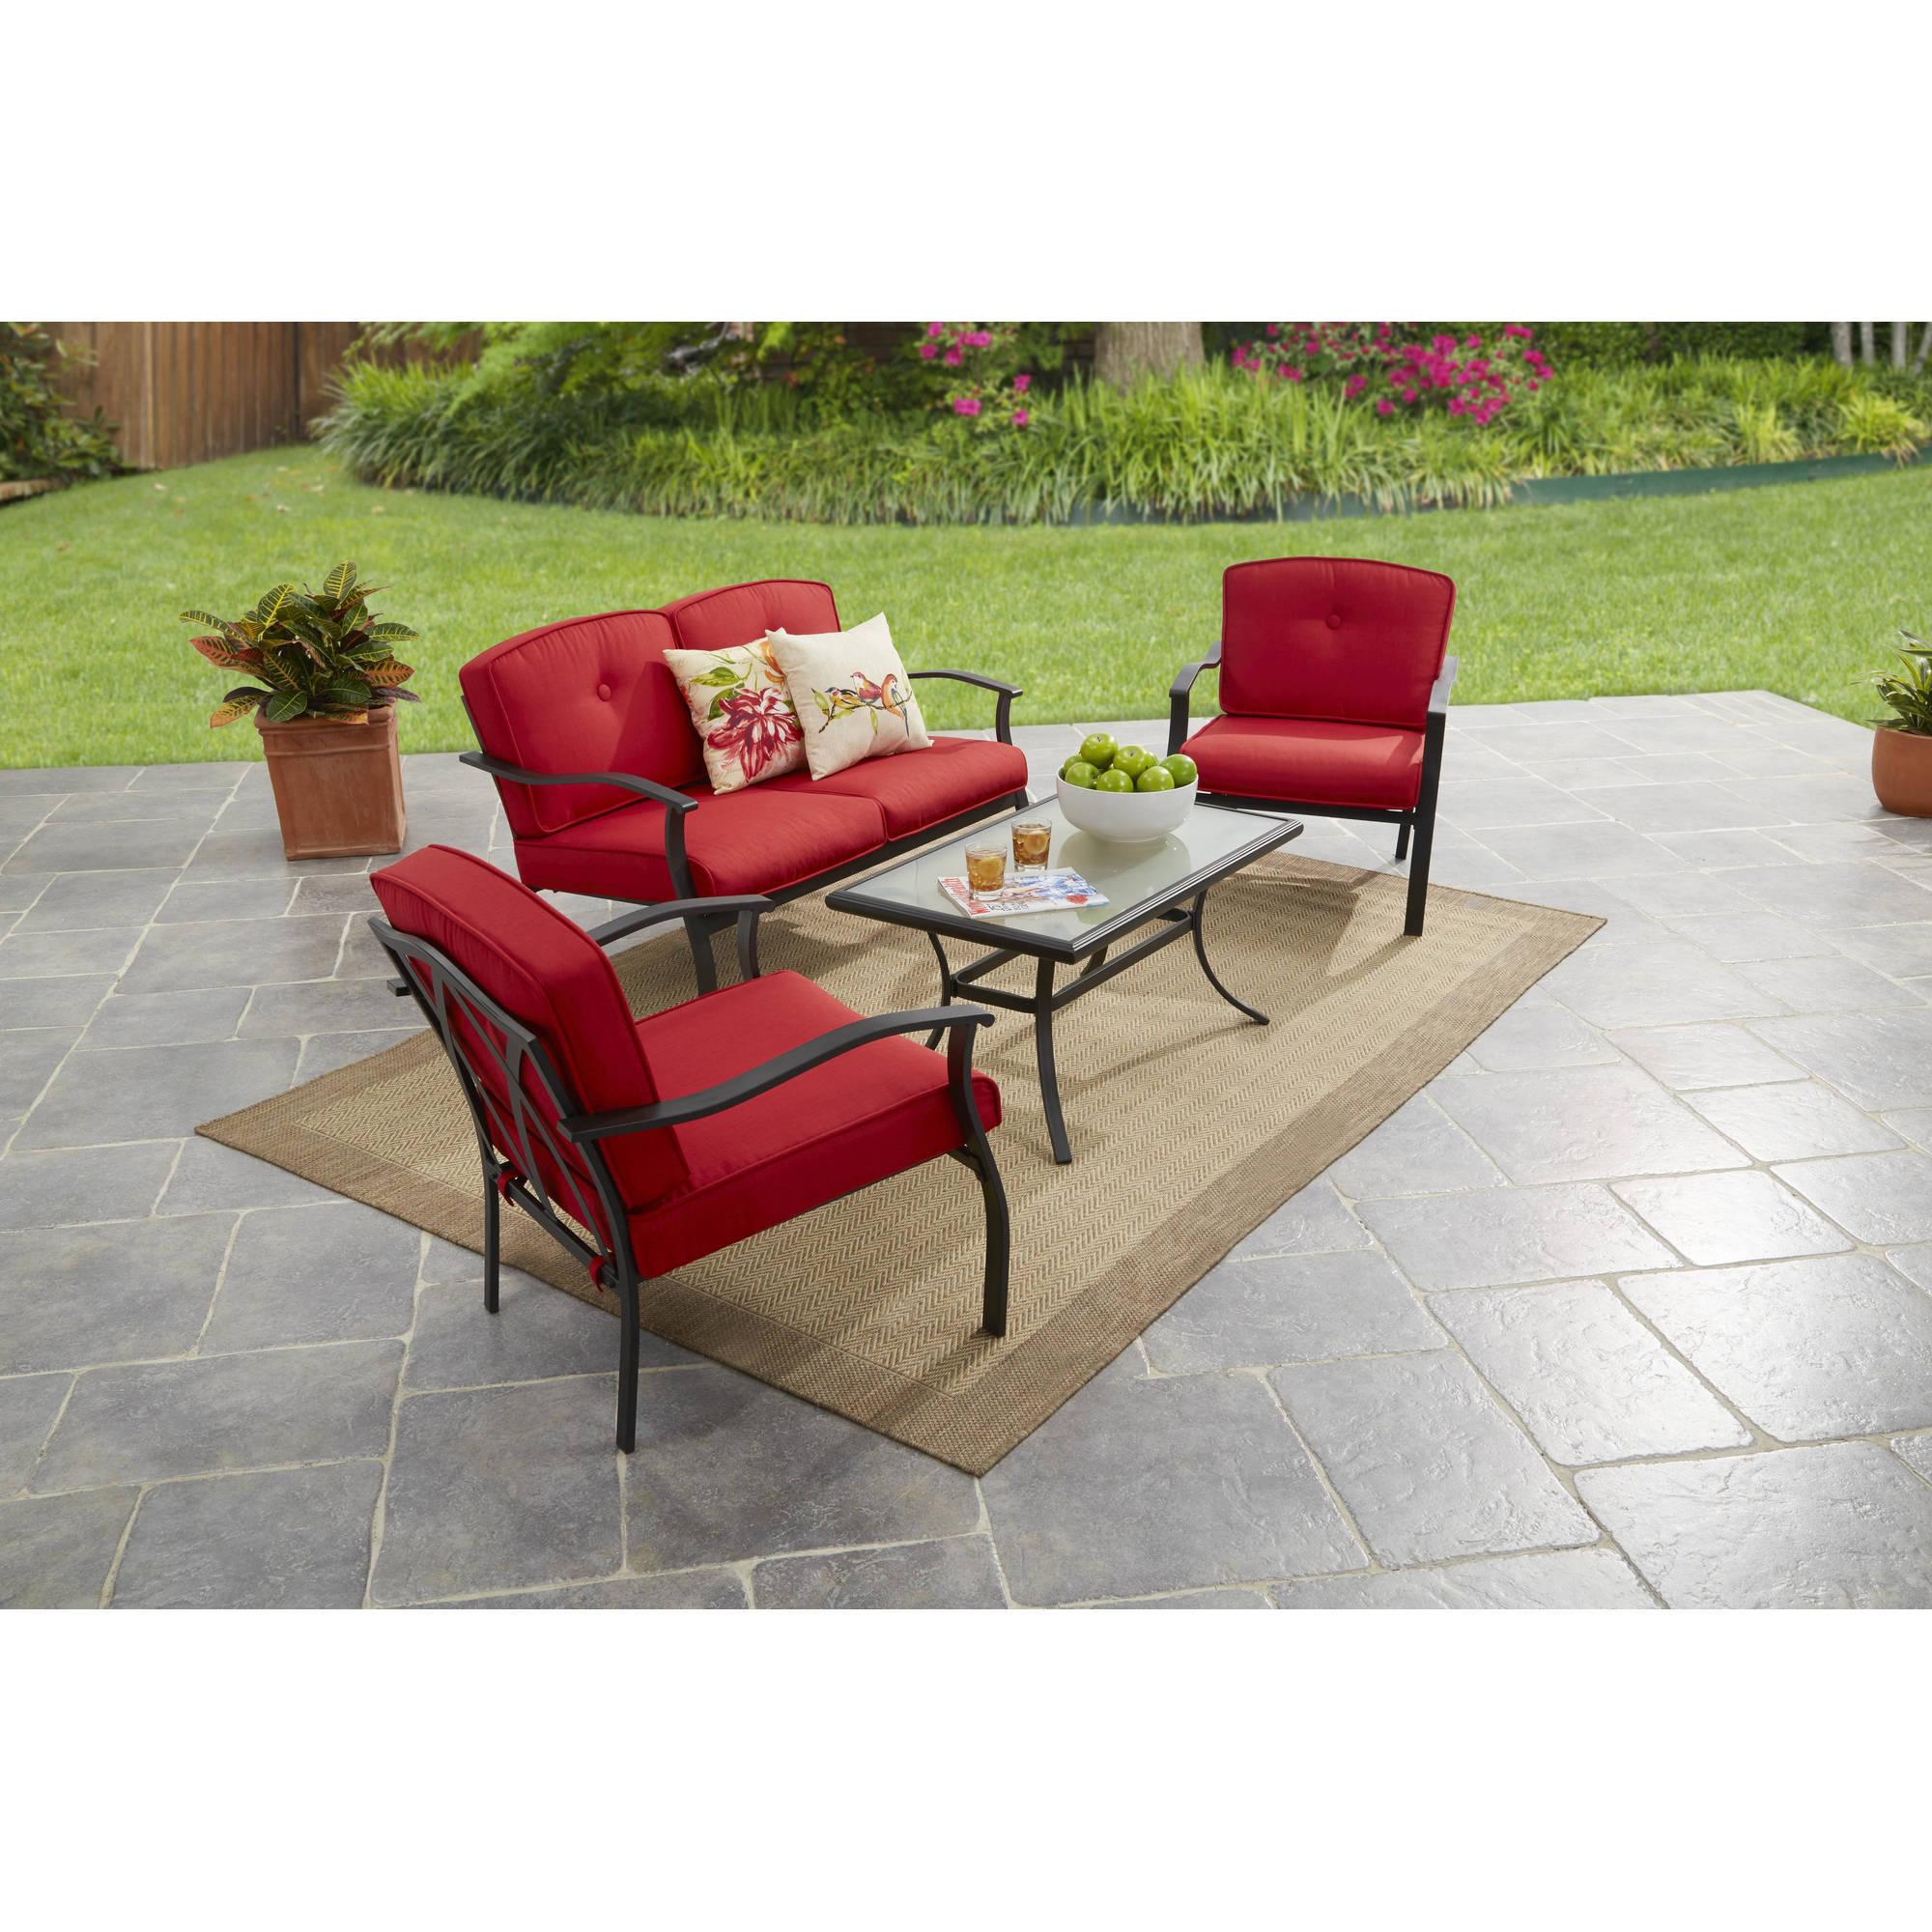 Mainstays Belden Park 4-Piece Outdoor Sofa Set, Seats 4